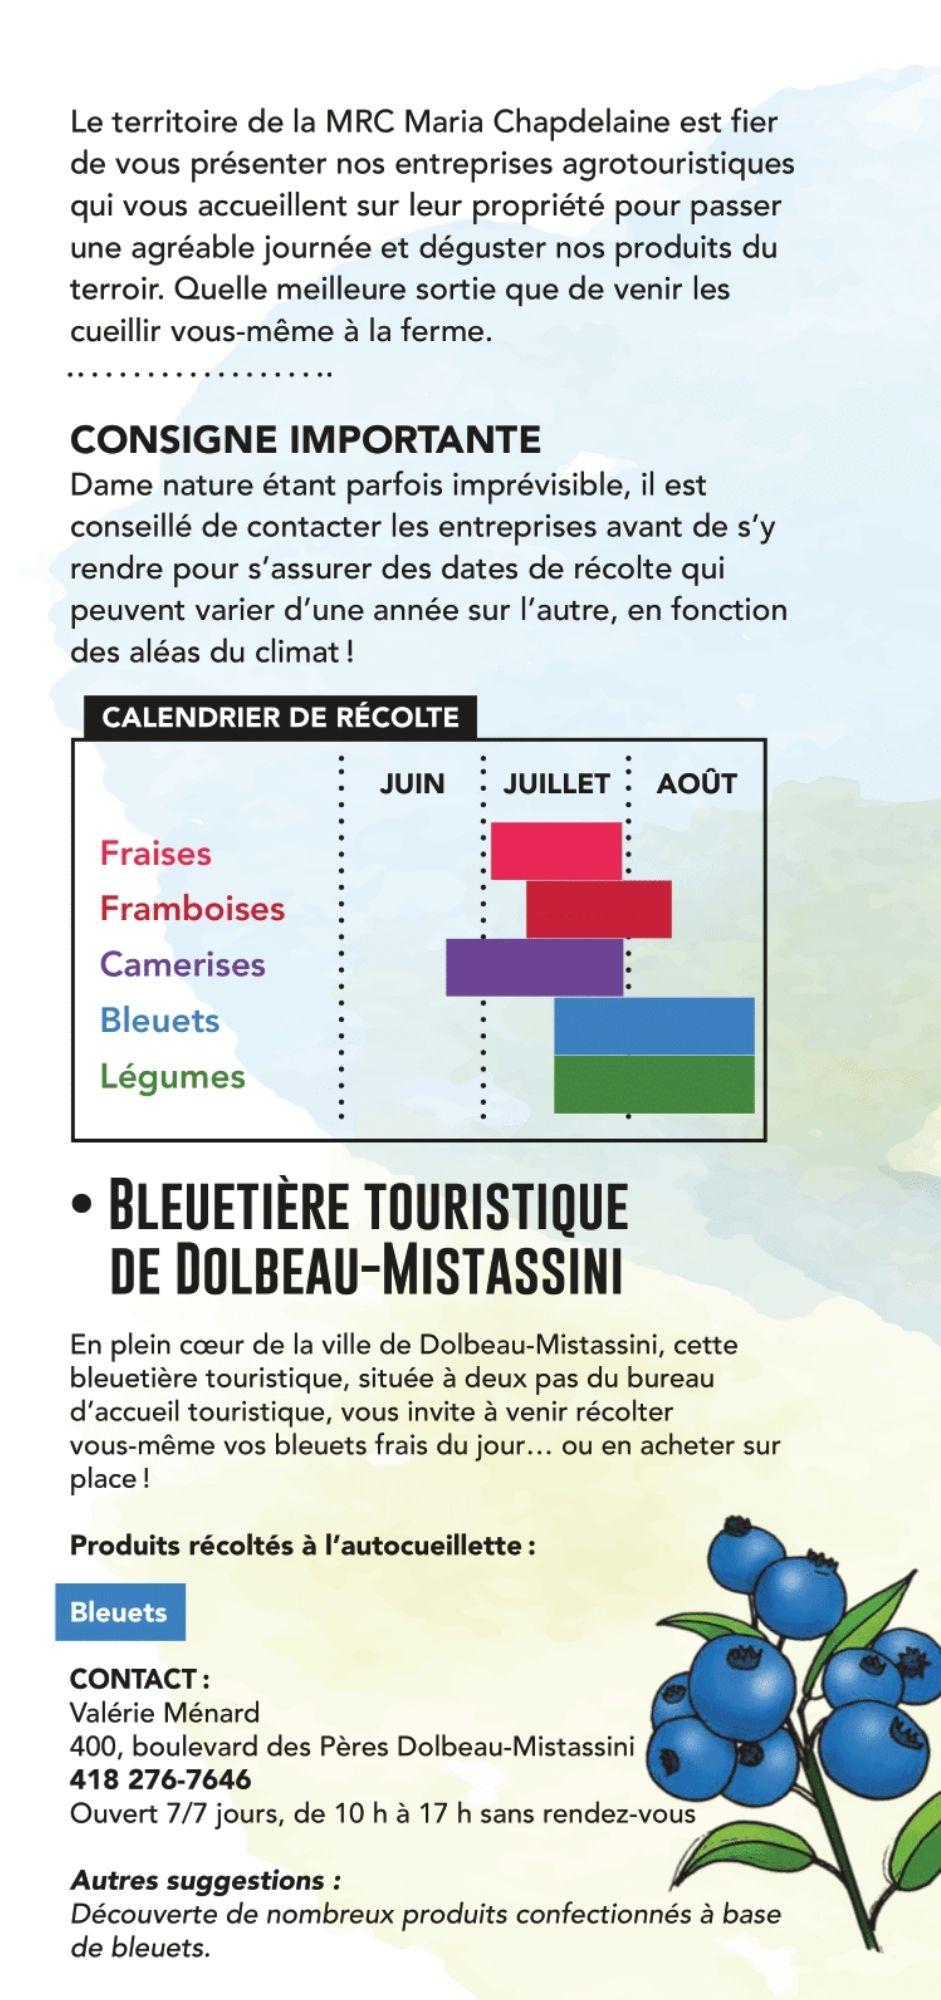 -place-autocueillette-fruits-camerises-bleuets-framboises-fraiseslac-saint-jean